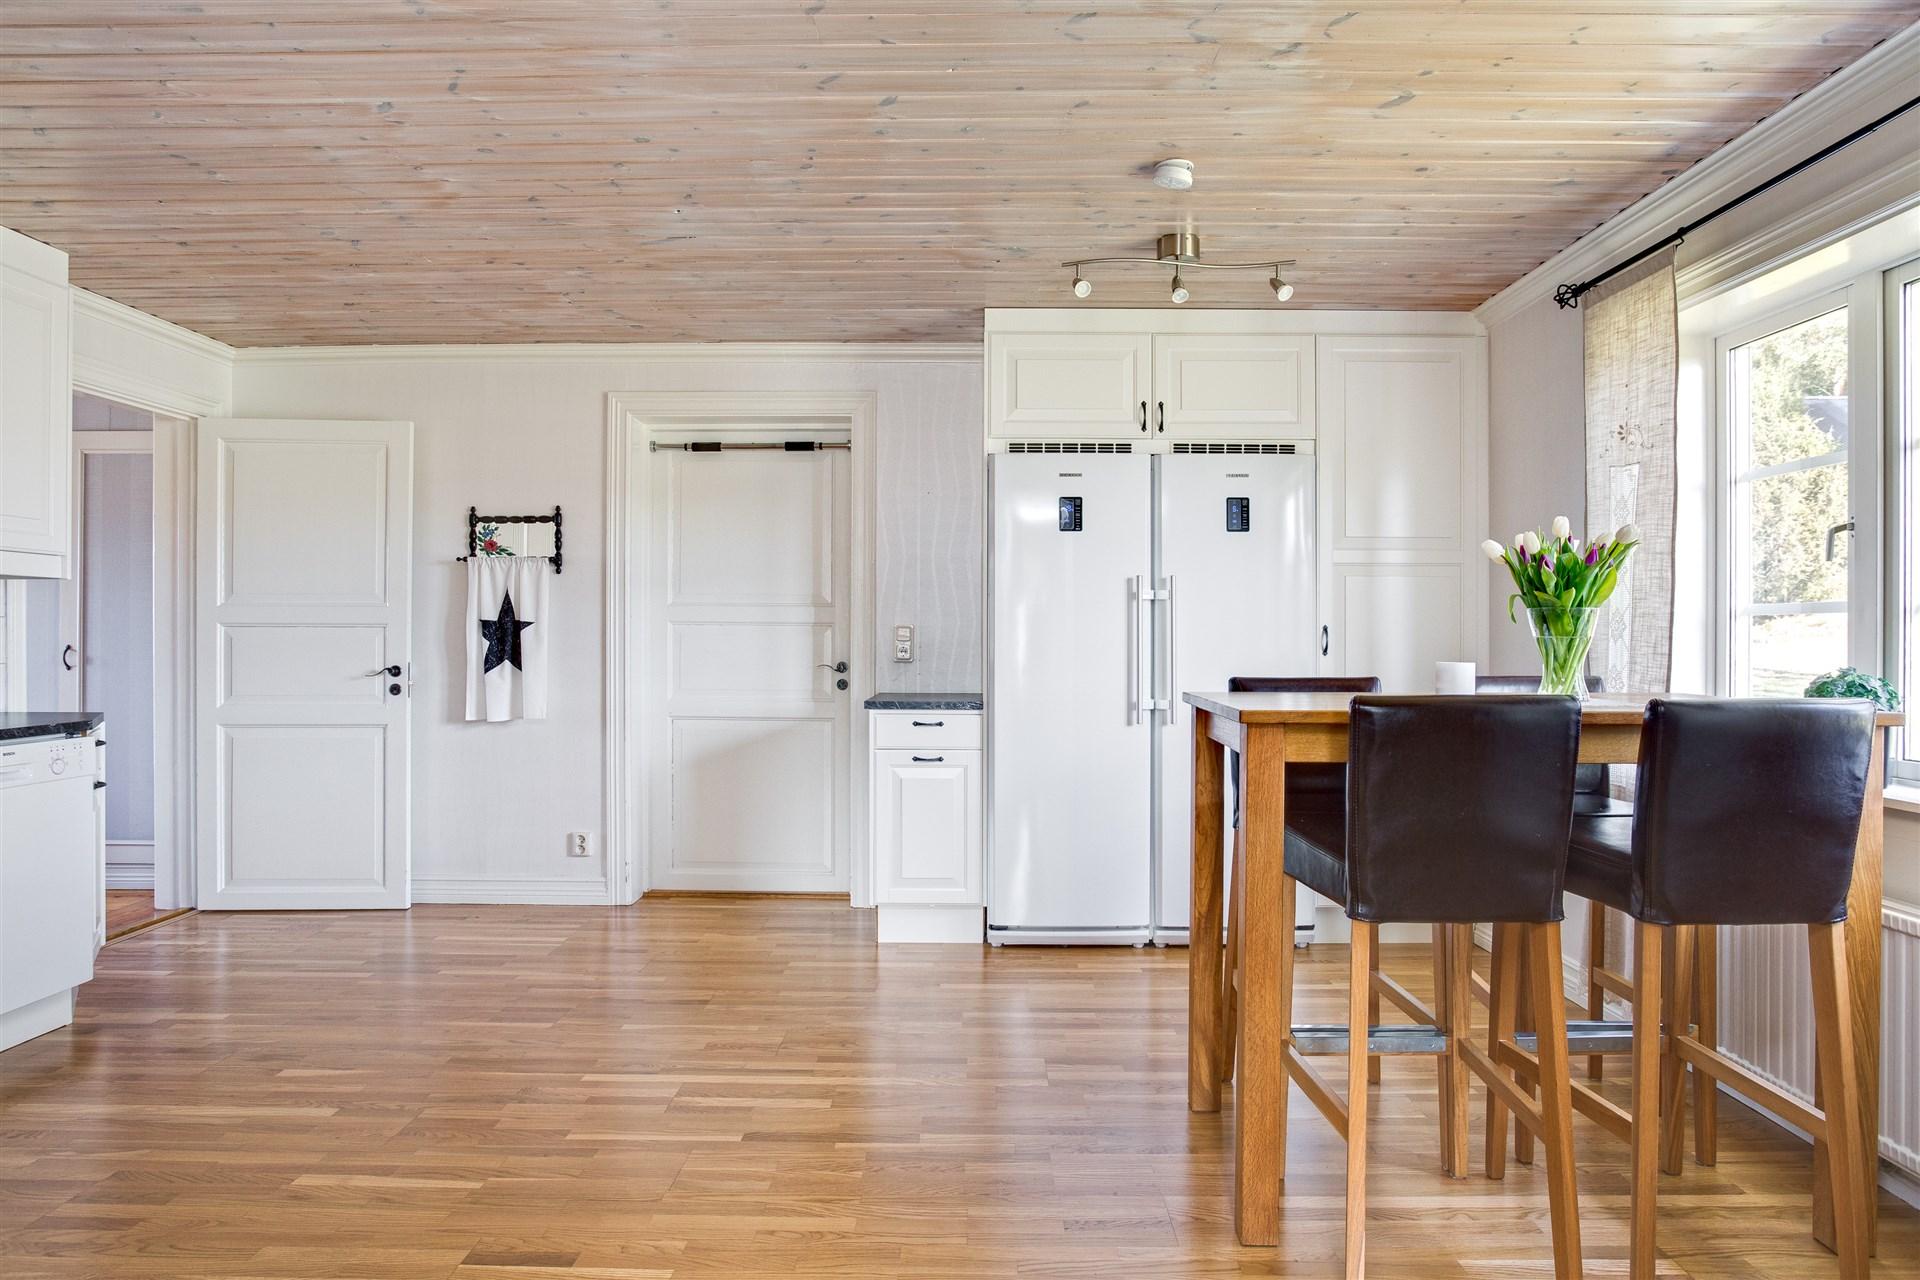 Rymlig matplats i köket med ingång till tvättstugan.